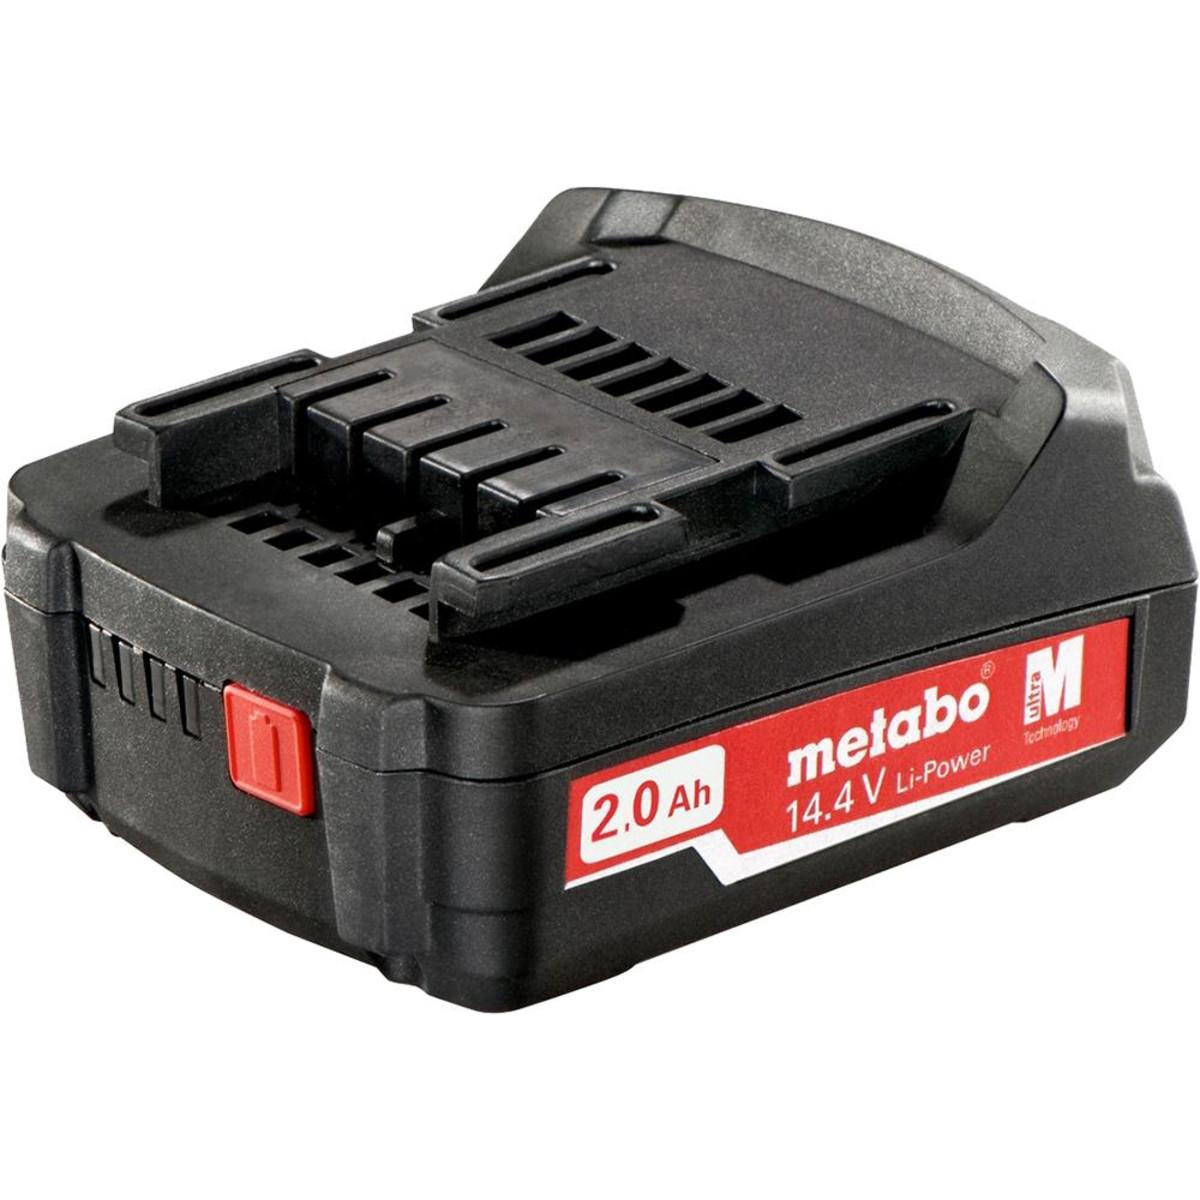 Аккумулятор для инструментов Metabo Li-ion 14.4 В 2 Ач 625595000